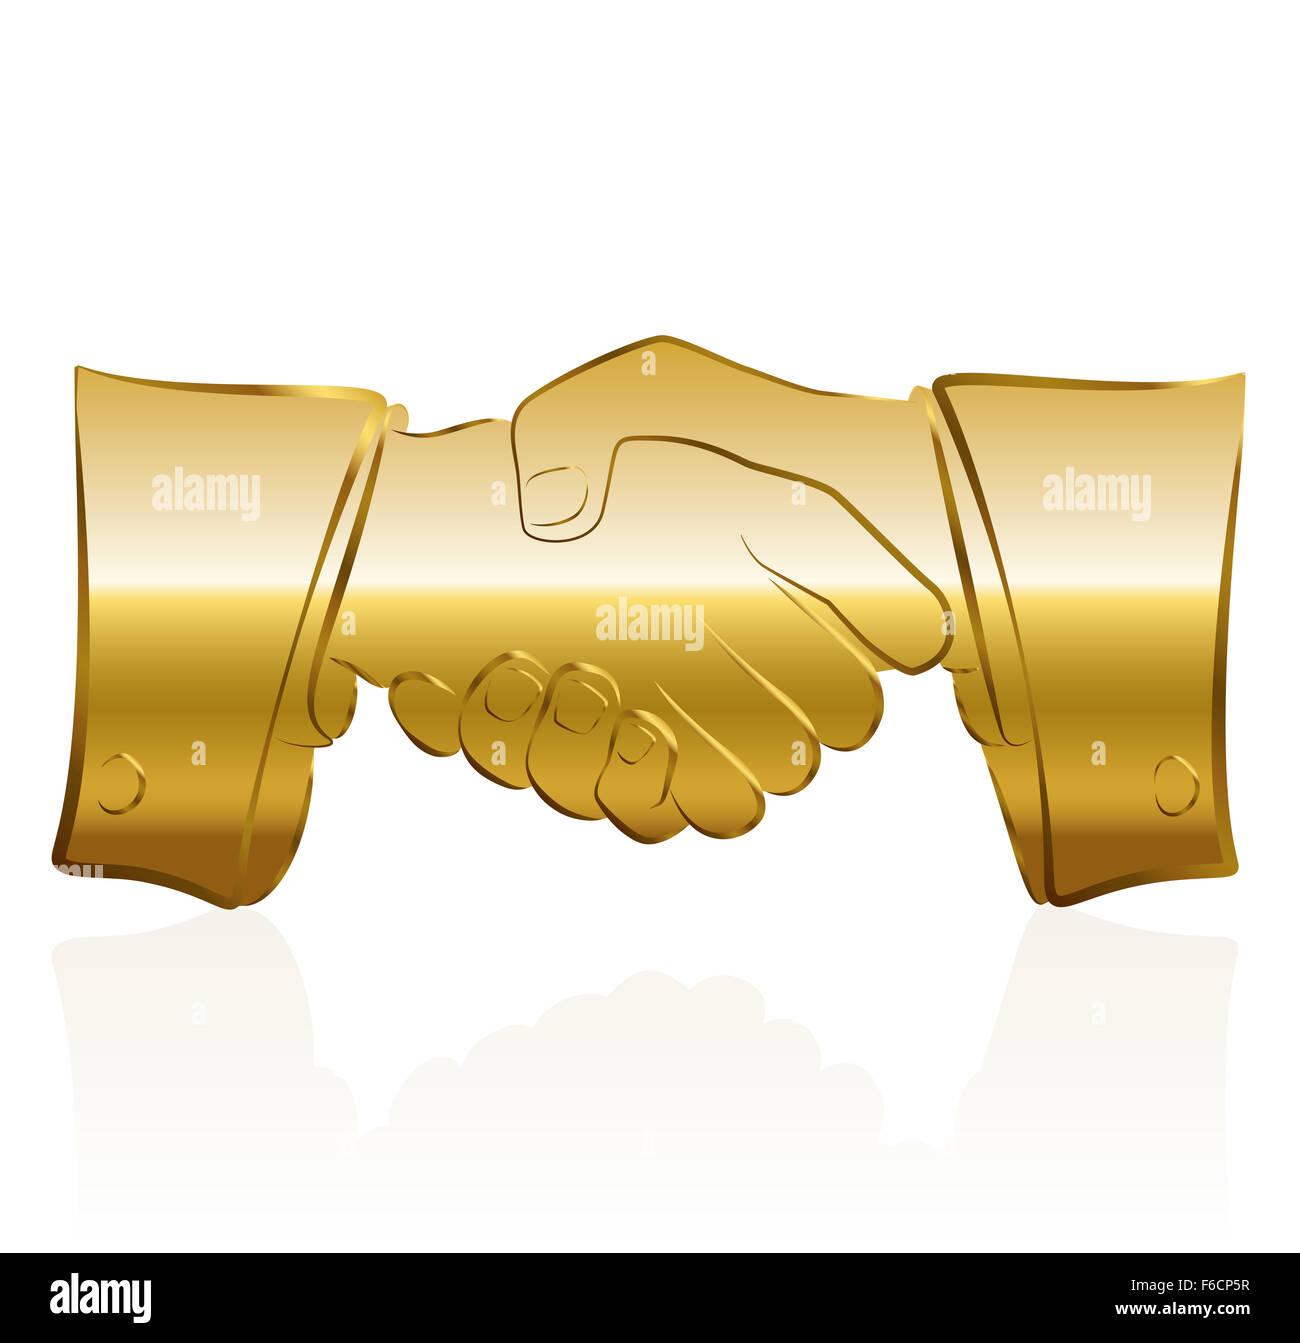 Golden handshake symbol. Stock Photo